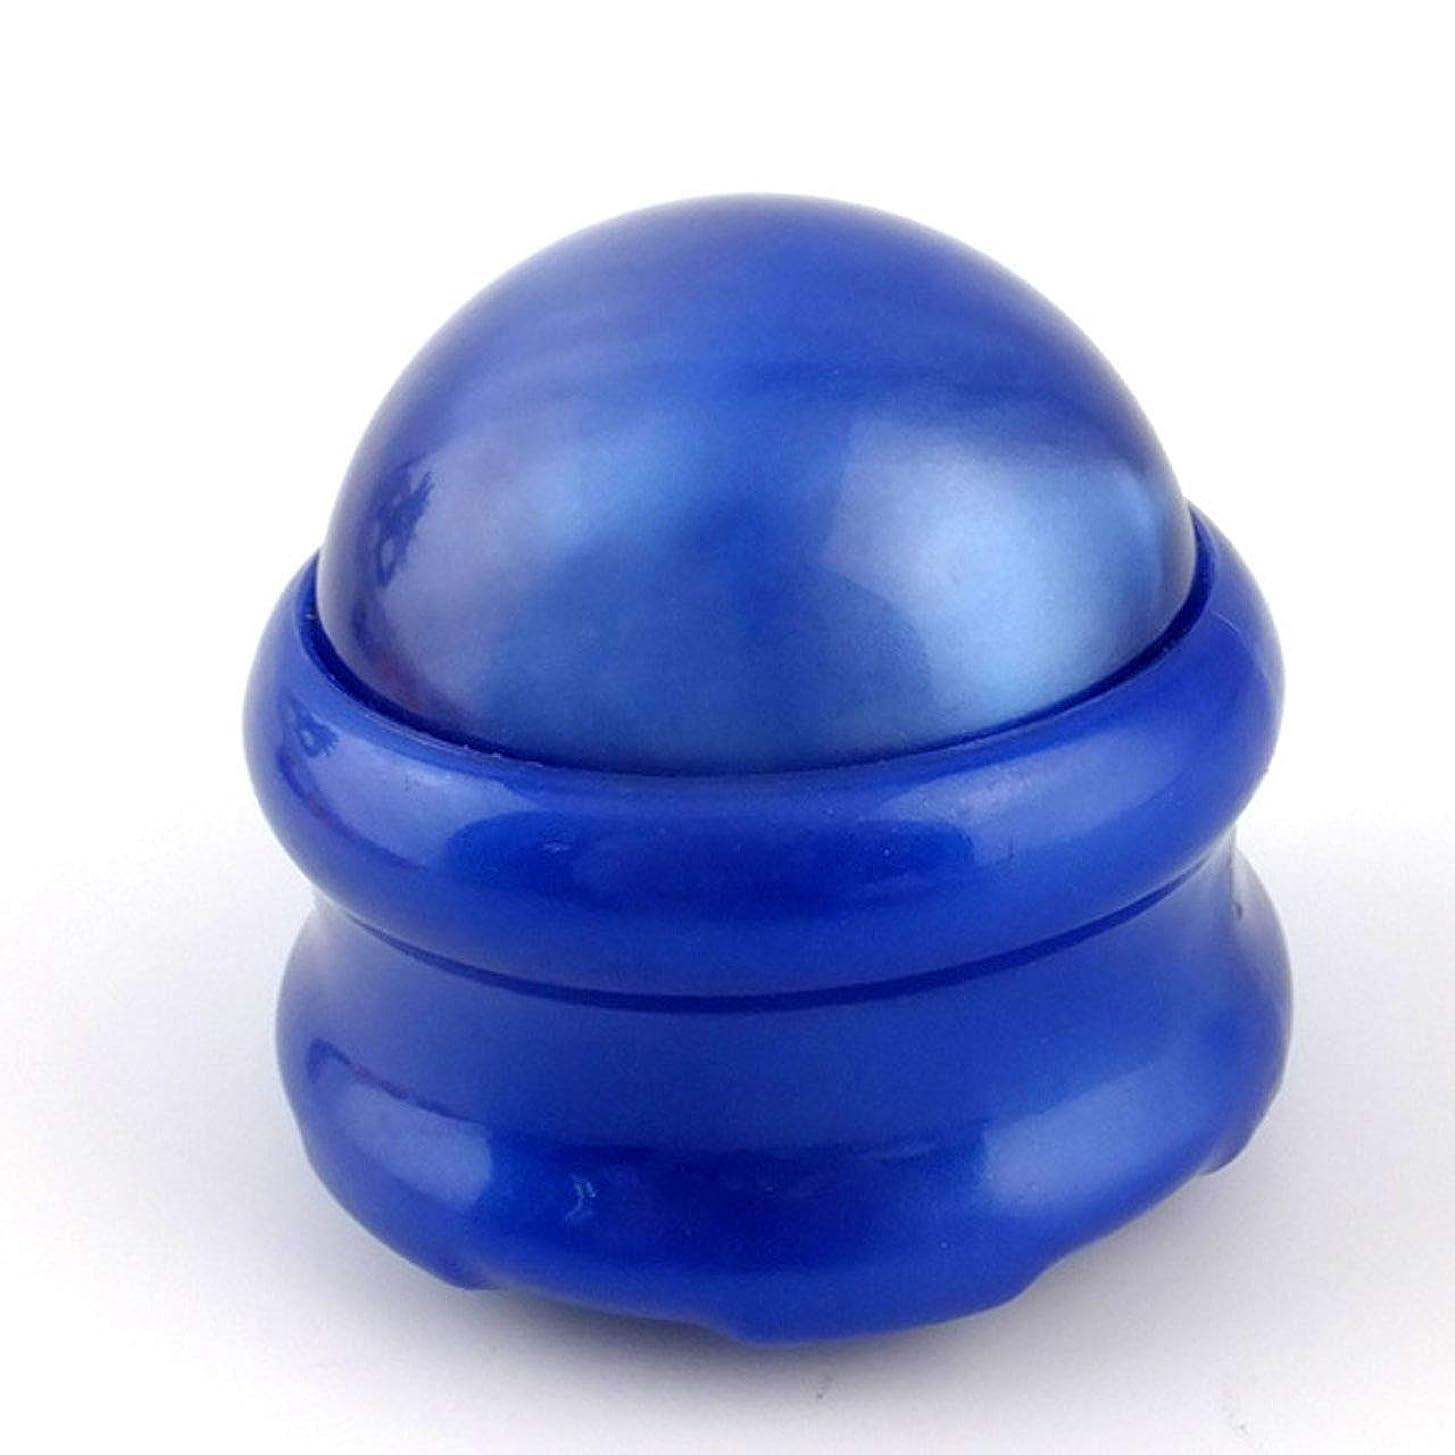 呼吸するあなたは支配するHAMILO マッサージボール 健康器具 ローラー 肩 腰 足裏 首すじ コロコロ マッサージ (2個セット)